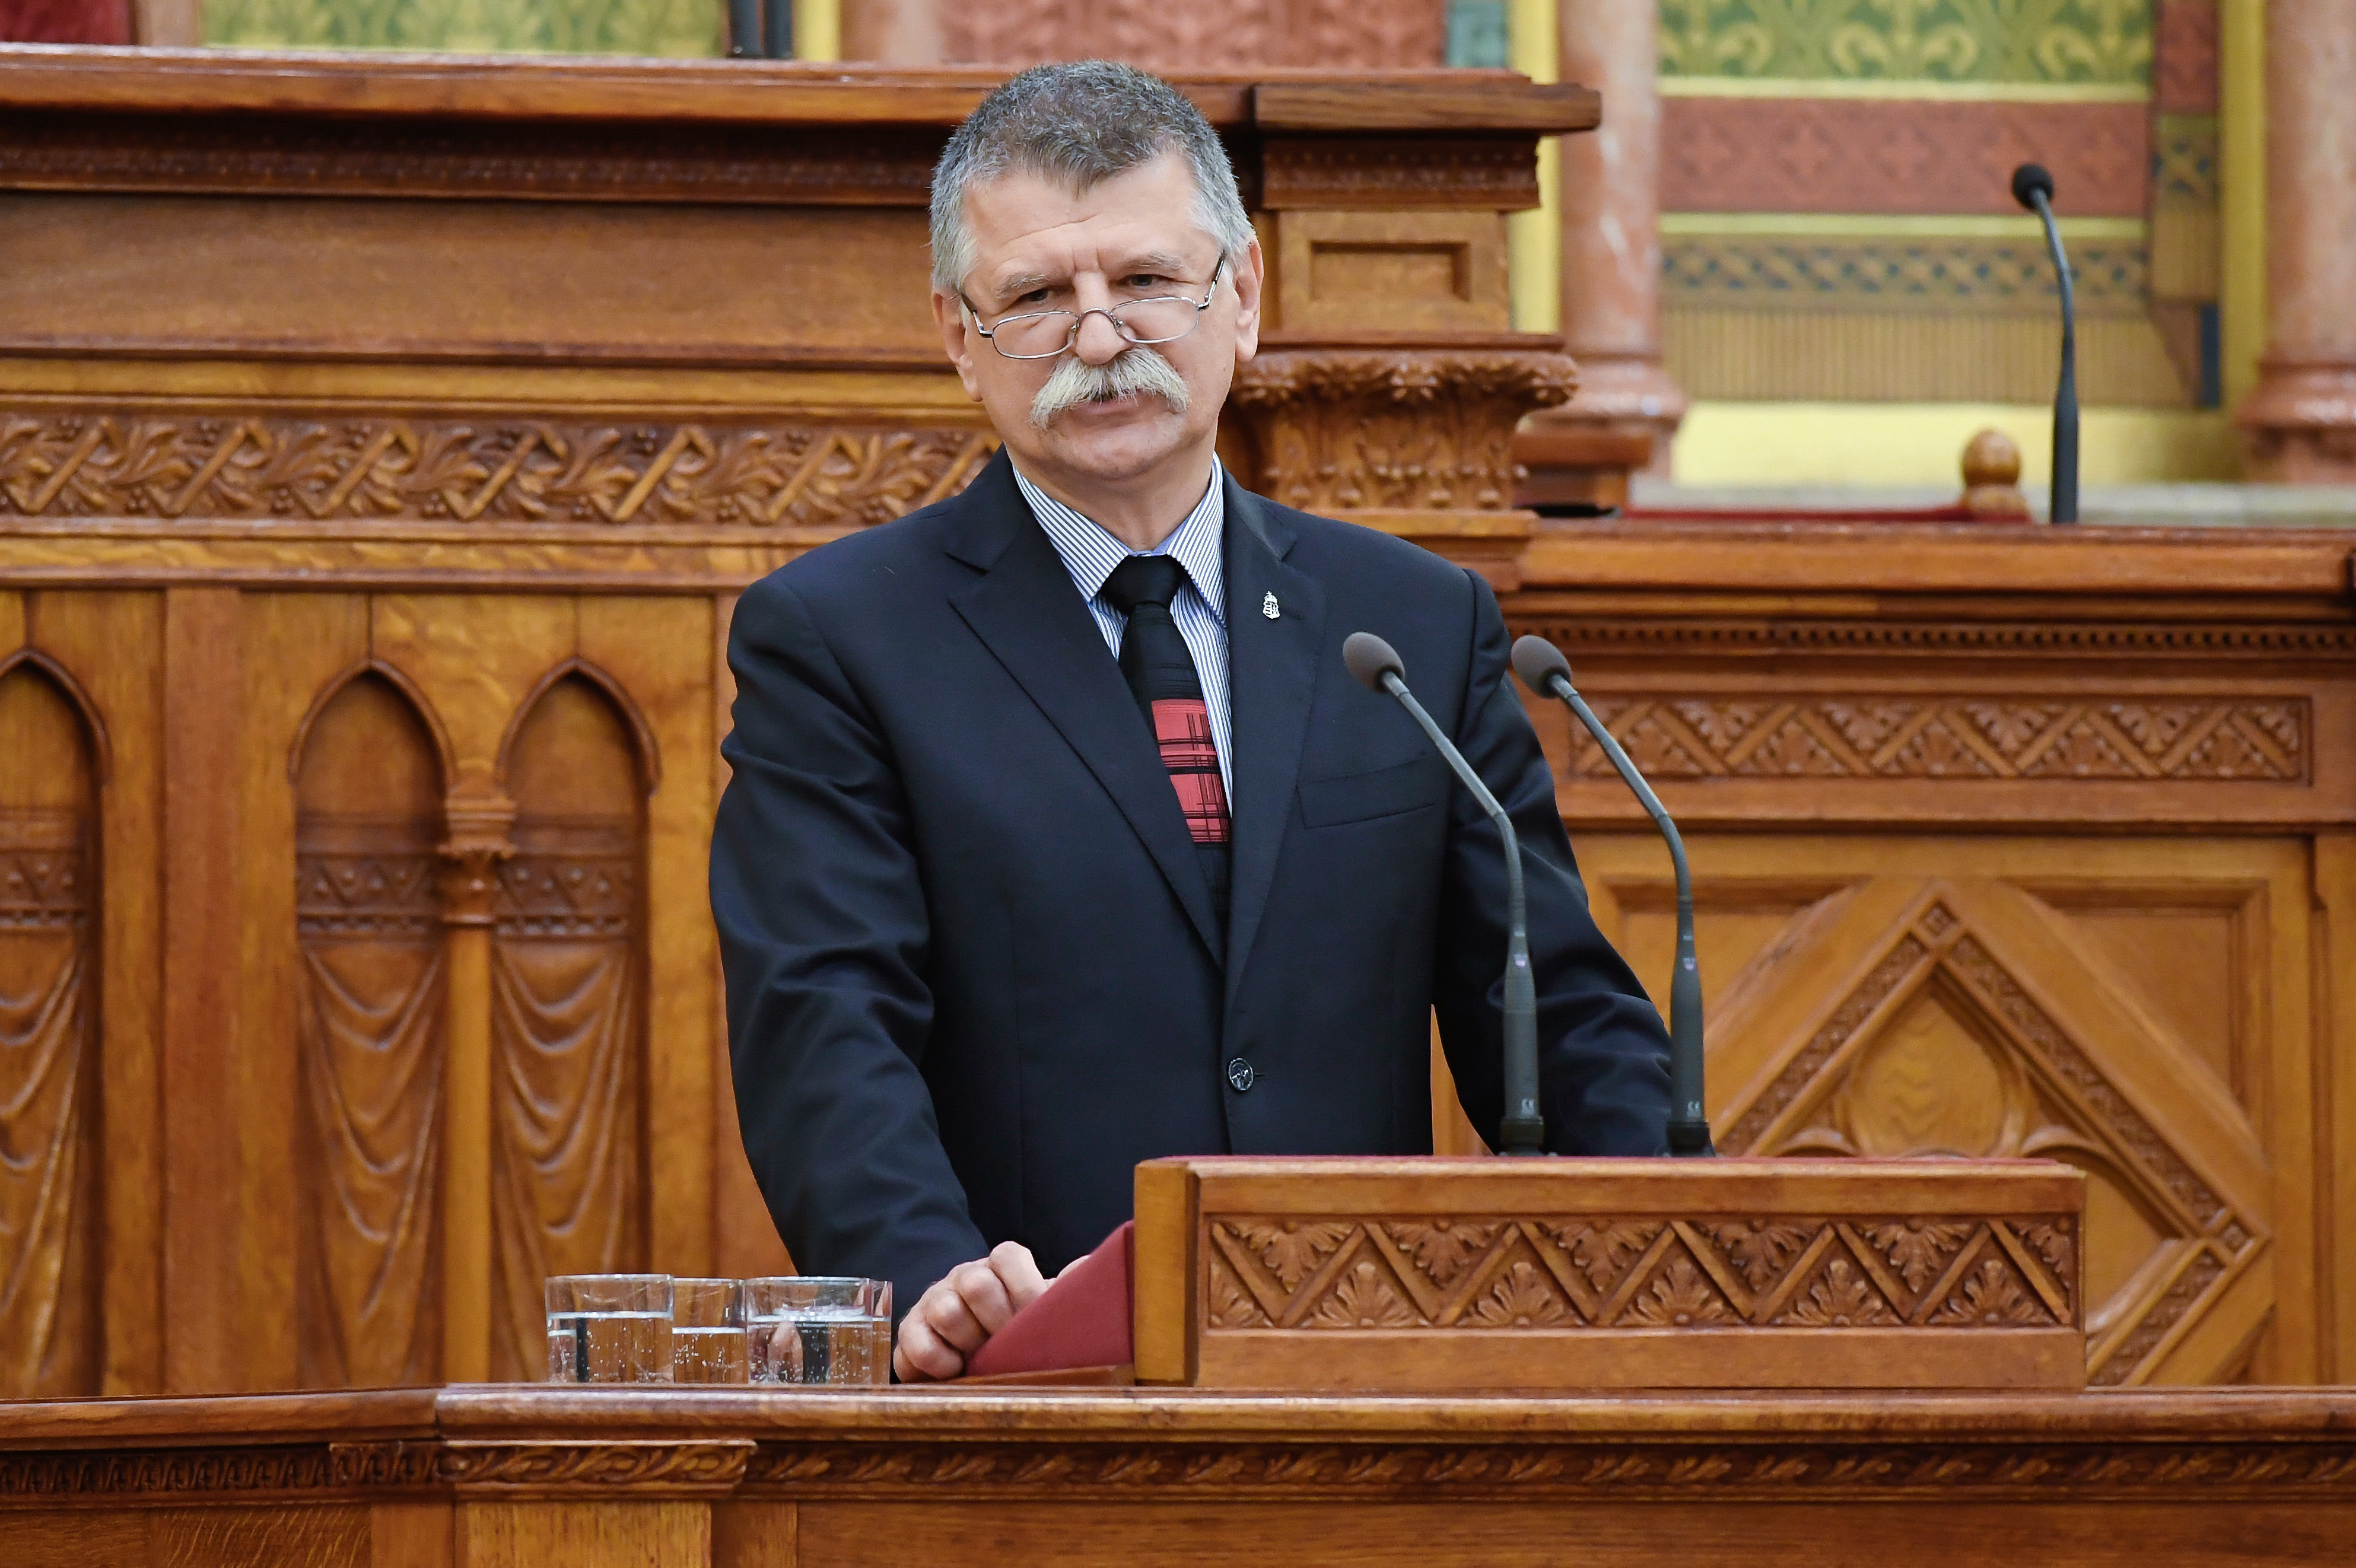 Kövér László fizetése 290 ezer forinttal nő, de a márciusi emeléssel a többi parlamenti képviselő is jól jár